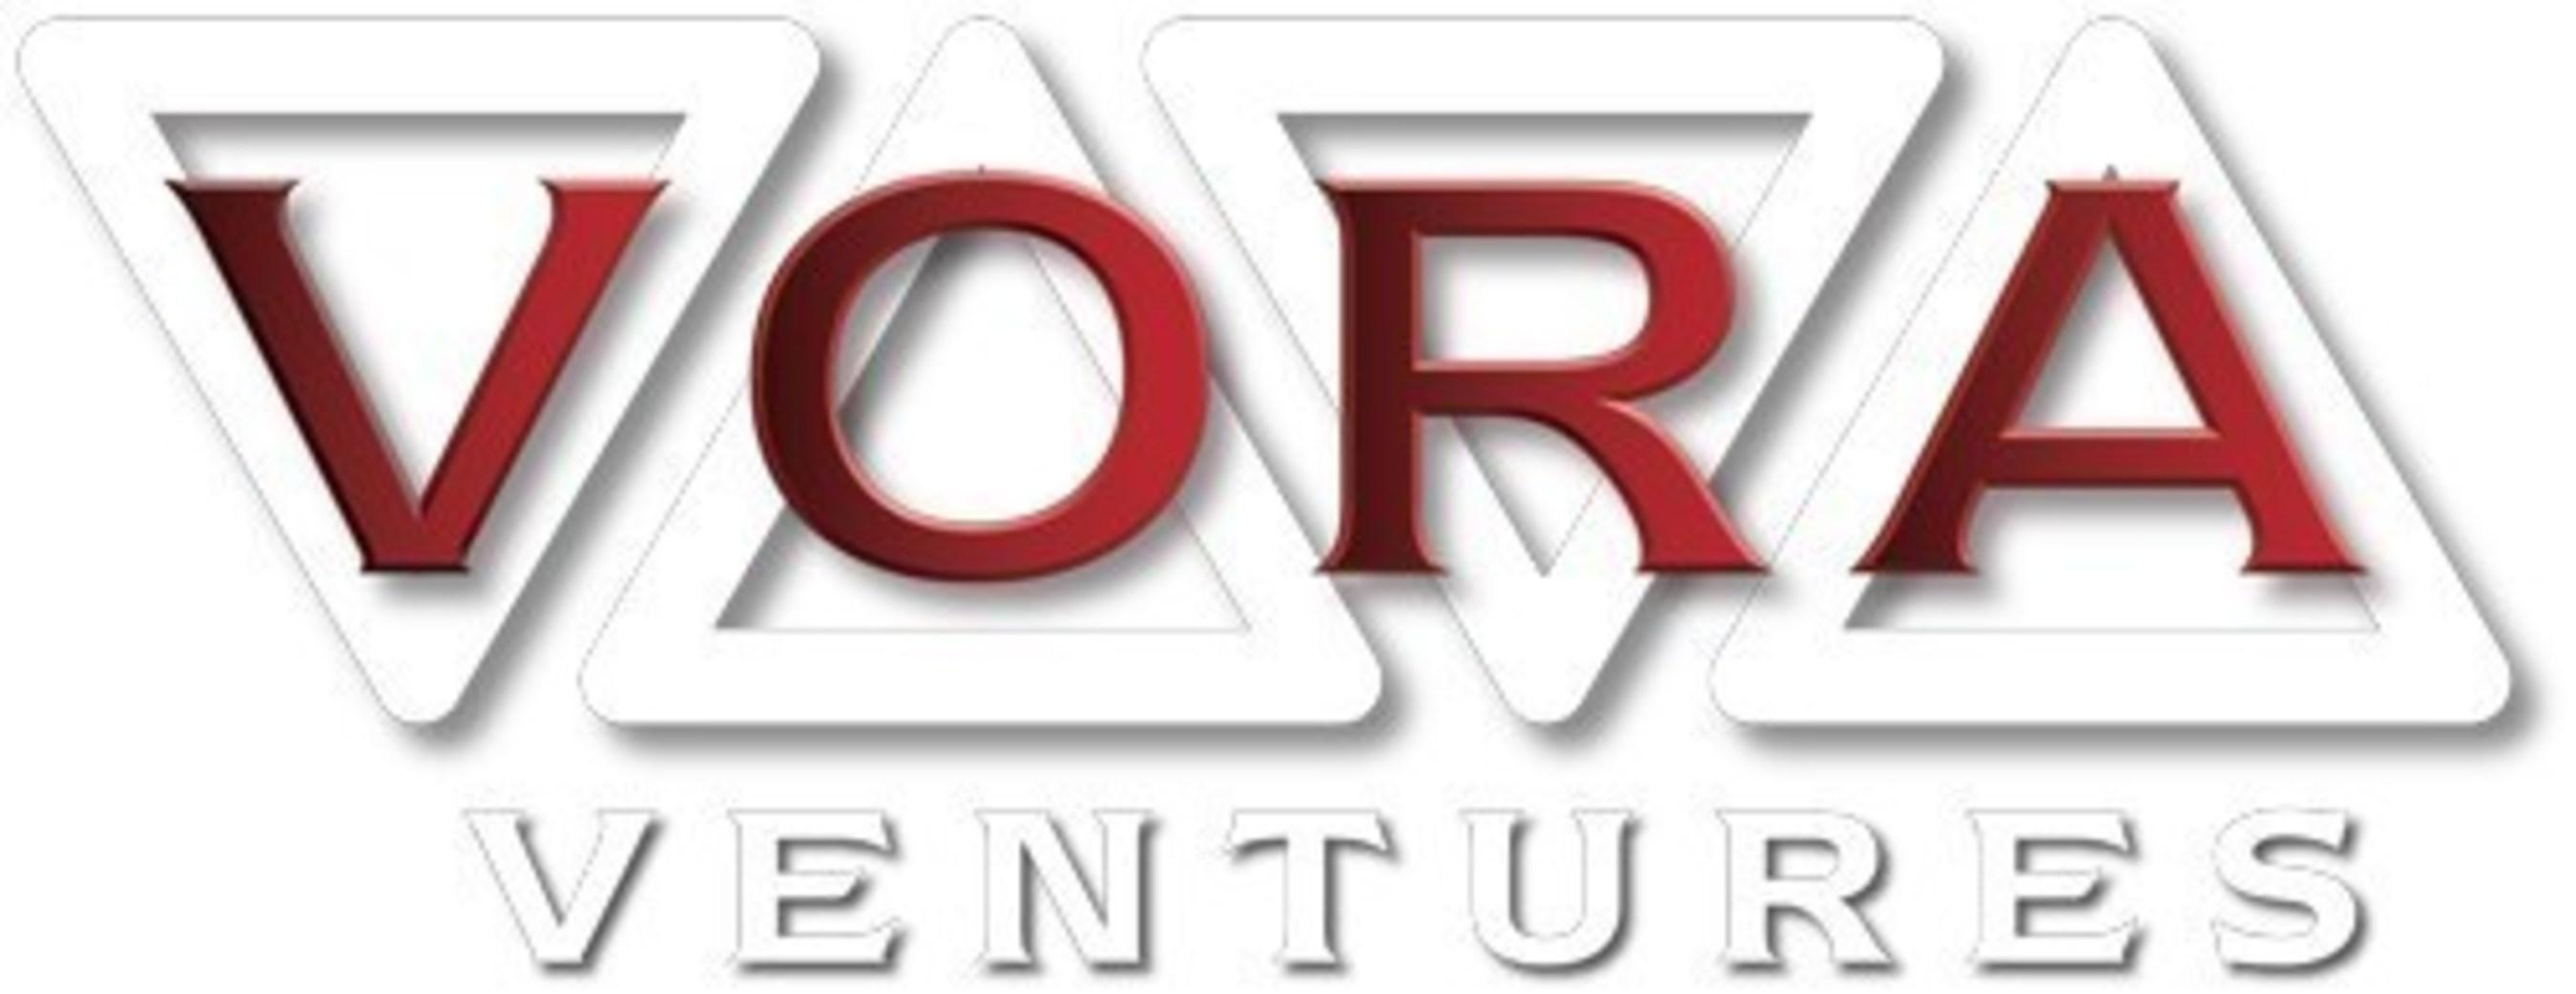 Vora Ventures Recognized as a Proud Sponsor of the NJ Tech Meetup